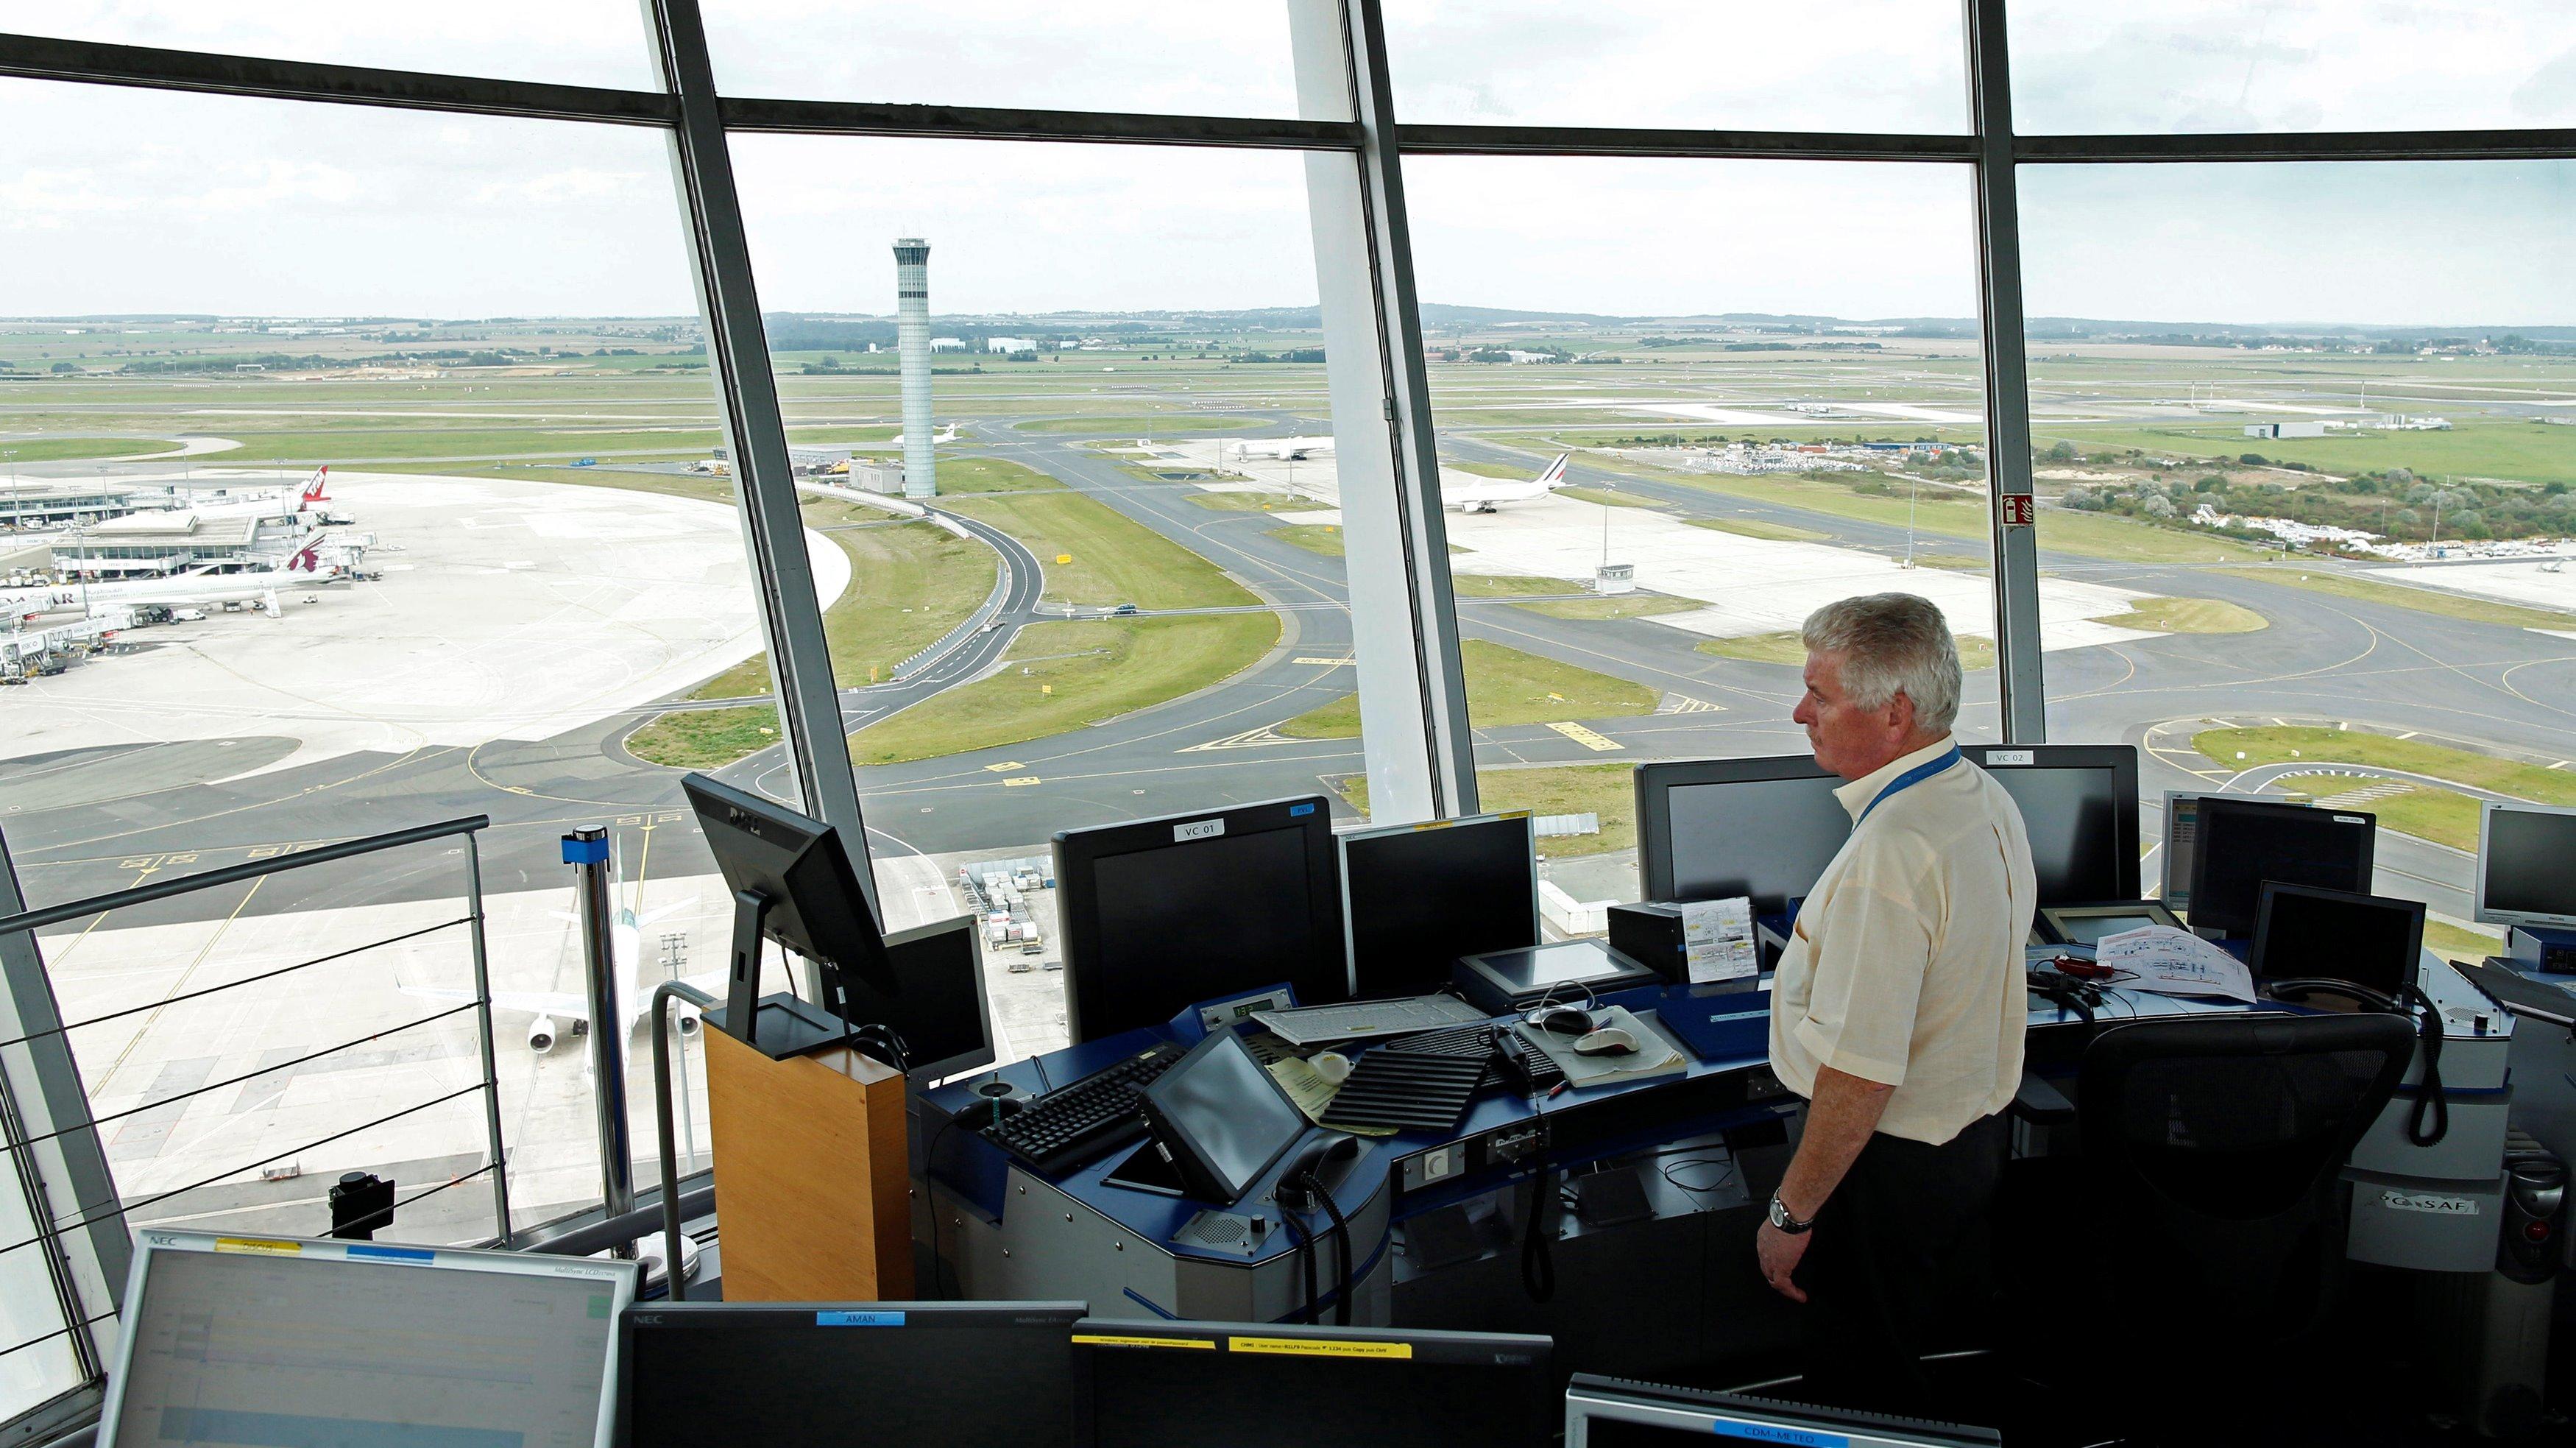 Resultado de imagen para air traffic control french